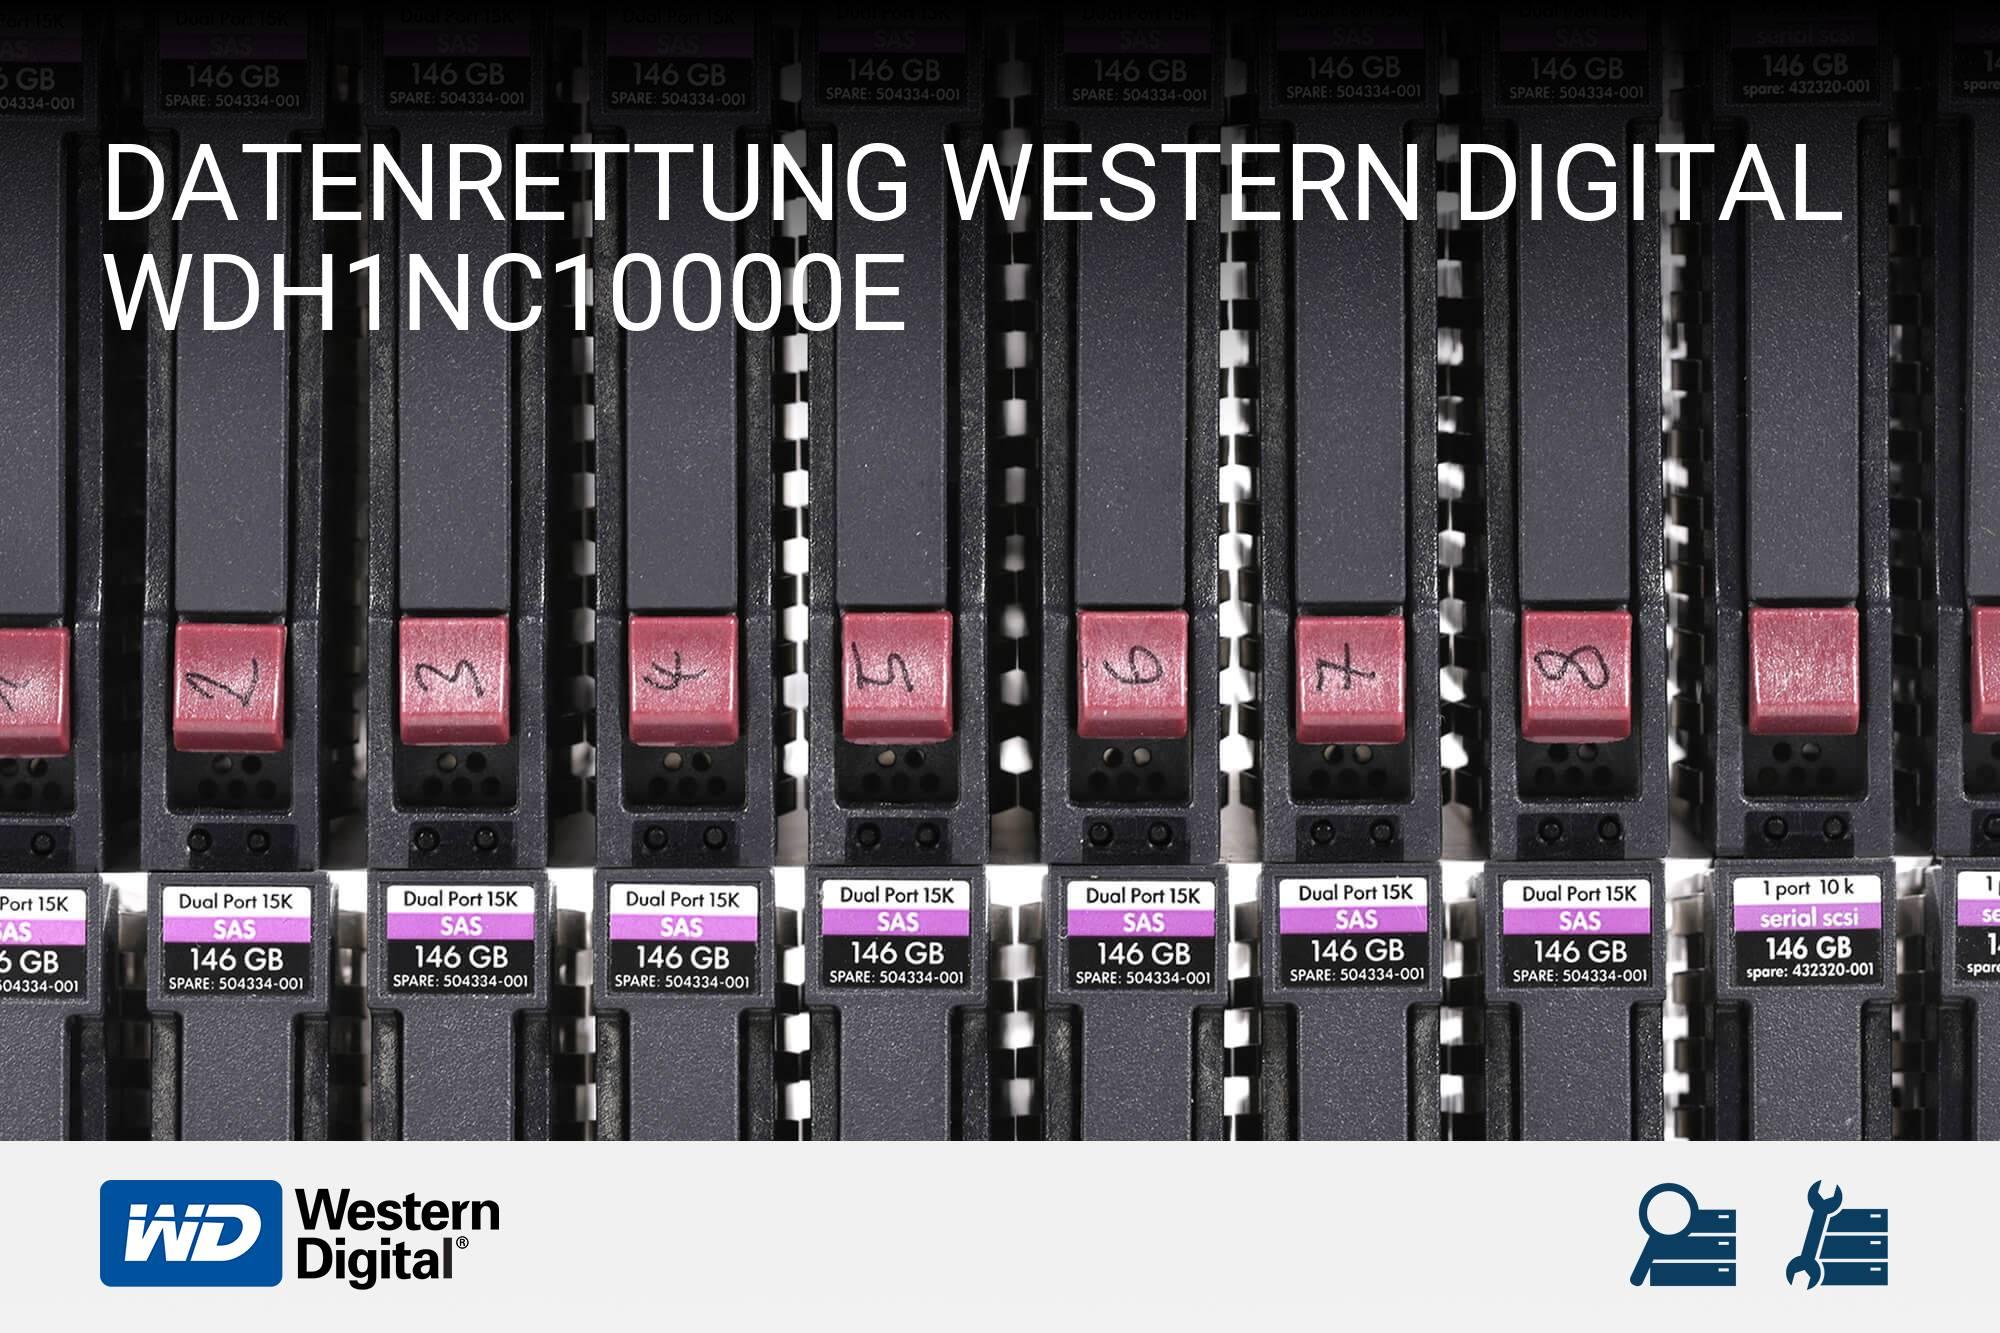 Western Digital WDH1NC10000E